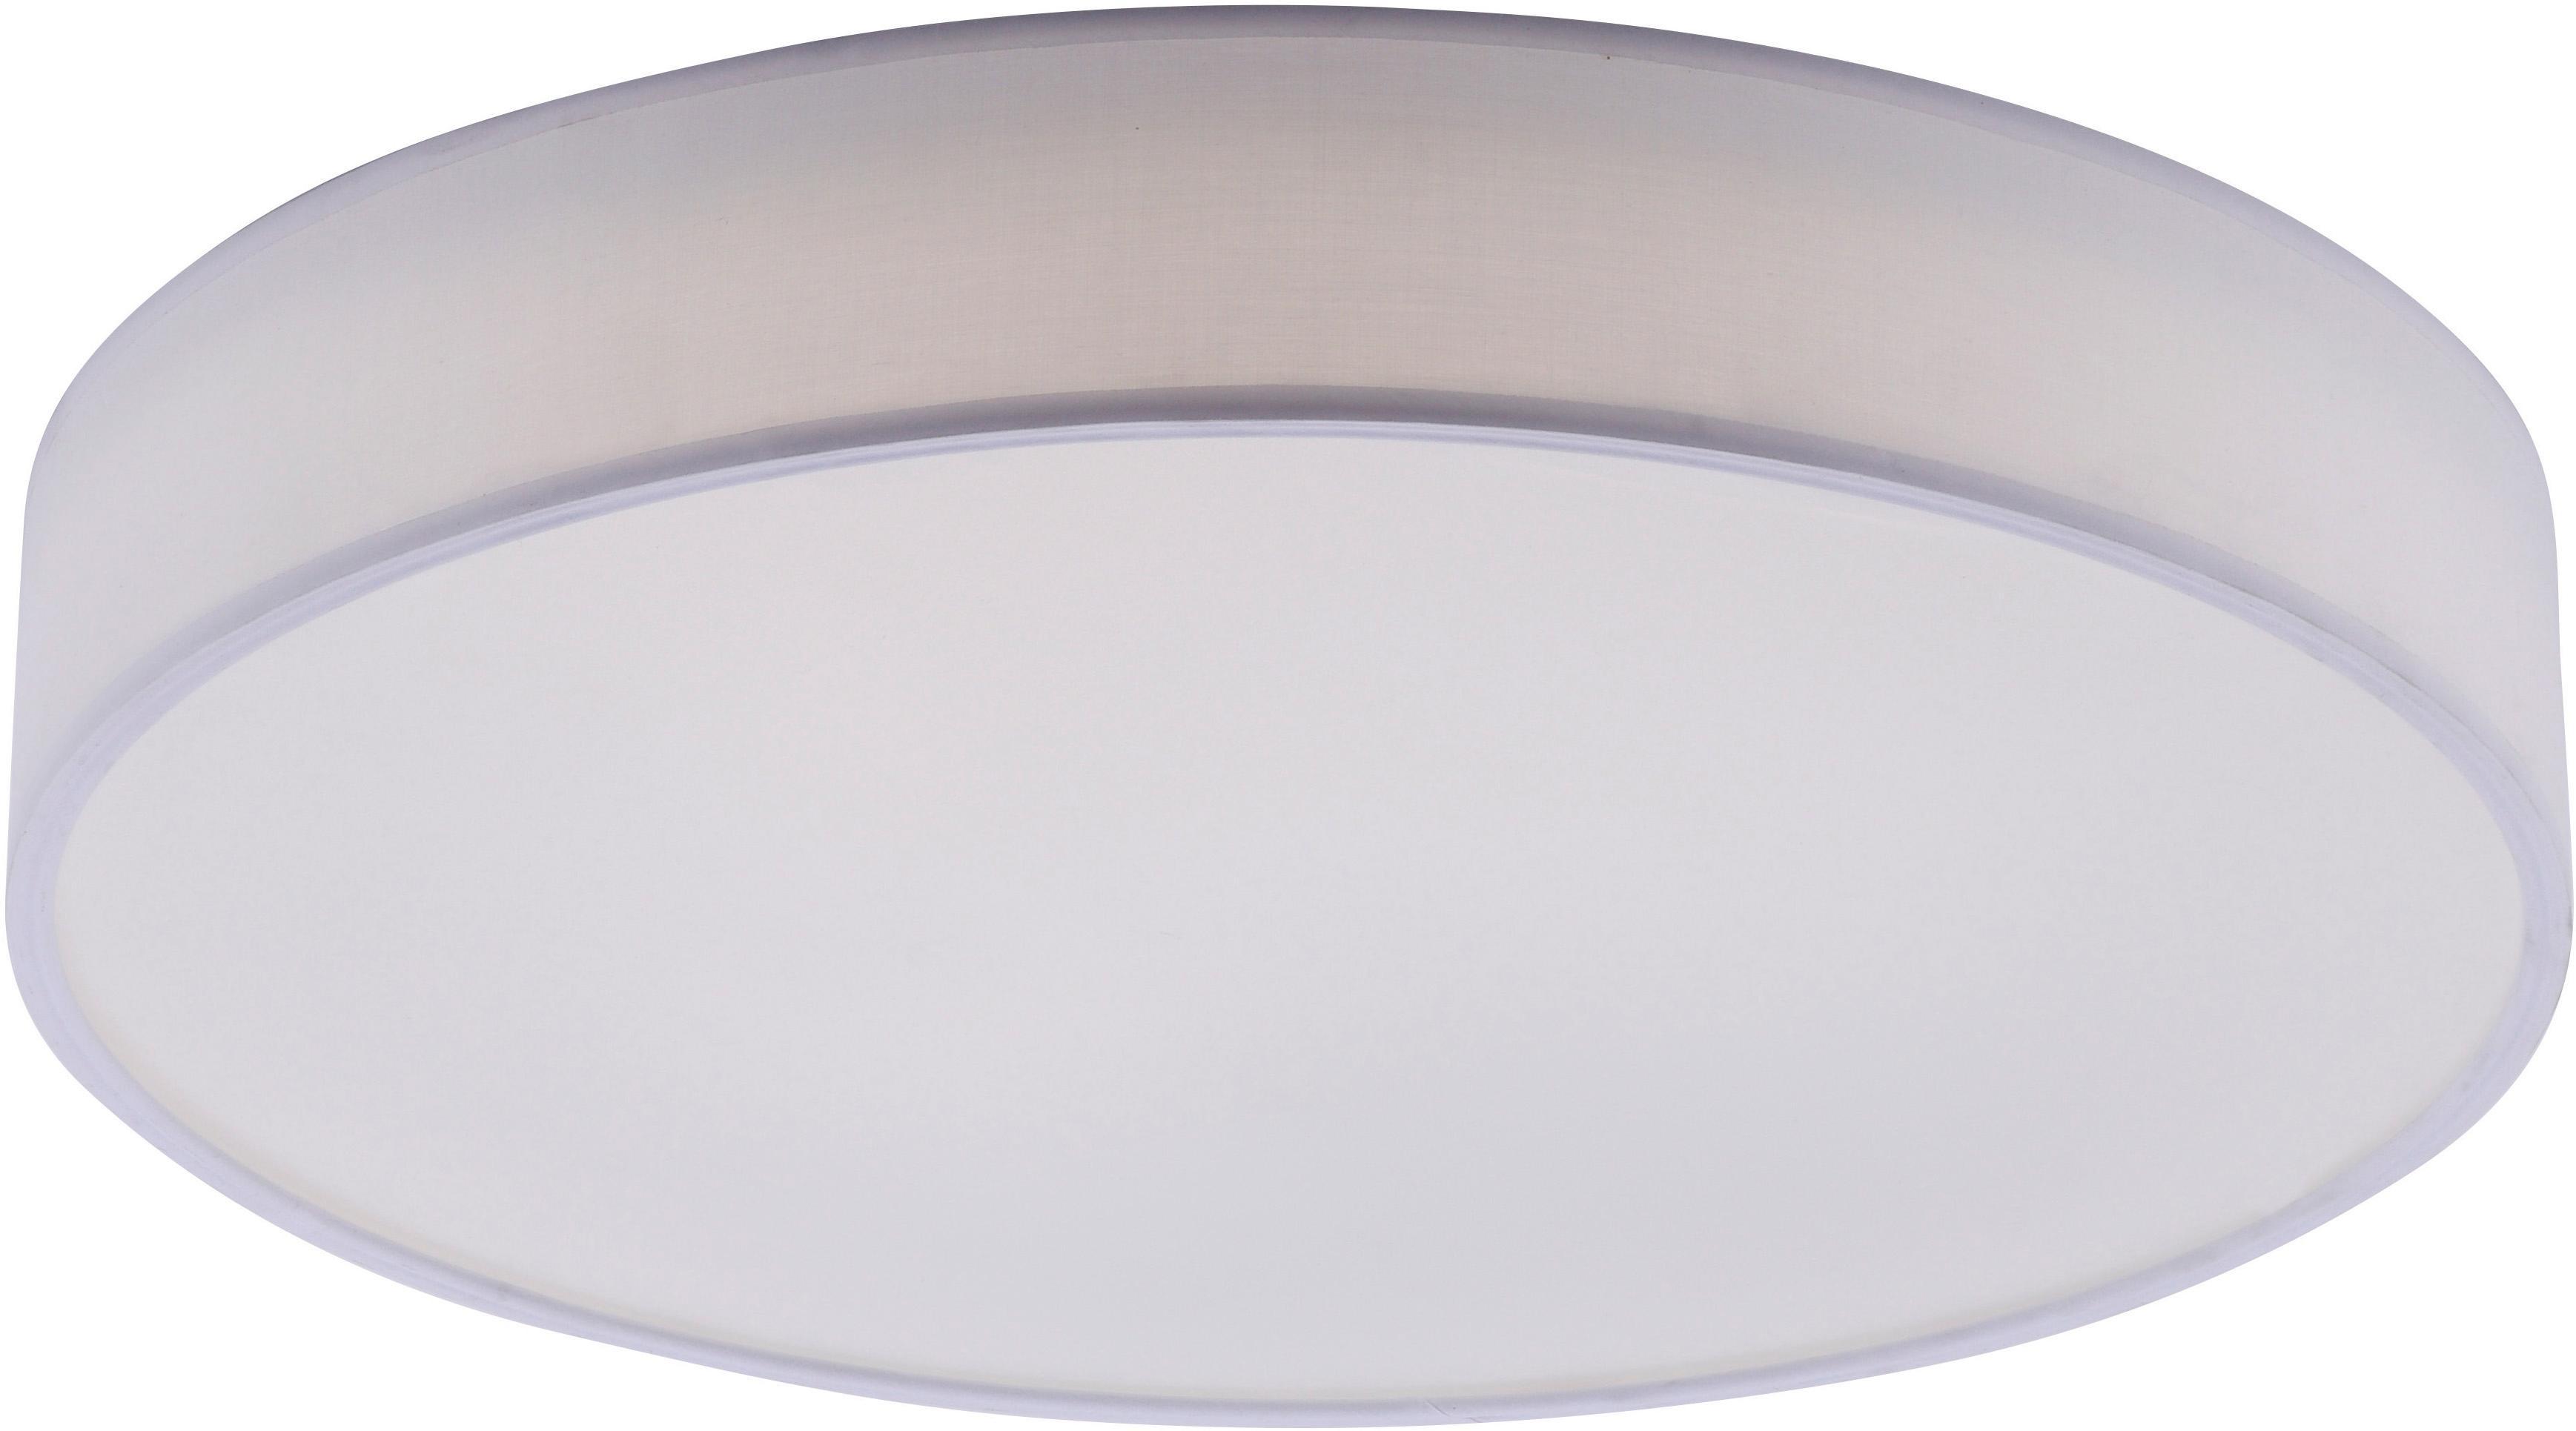 TRIO Leuchten LED Deckenleuchte DIAMO, LED-Board, Warmweiß-Neutralweiß, Mit WiZ-Technologie für eine moderne Smart Home Lösung